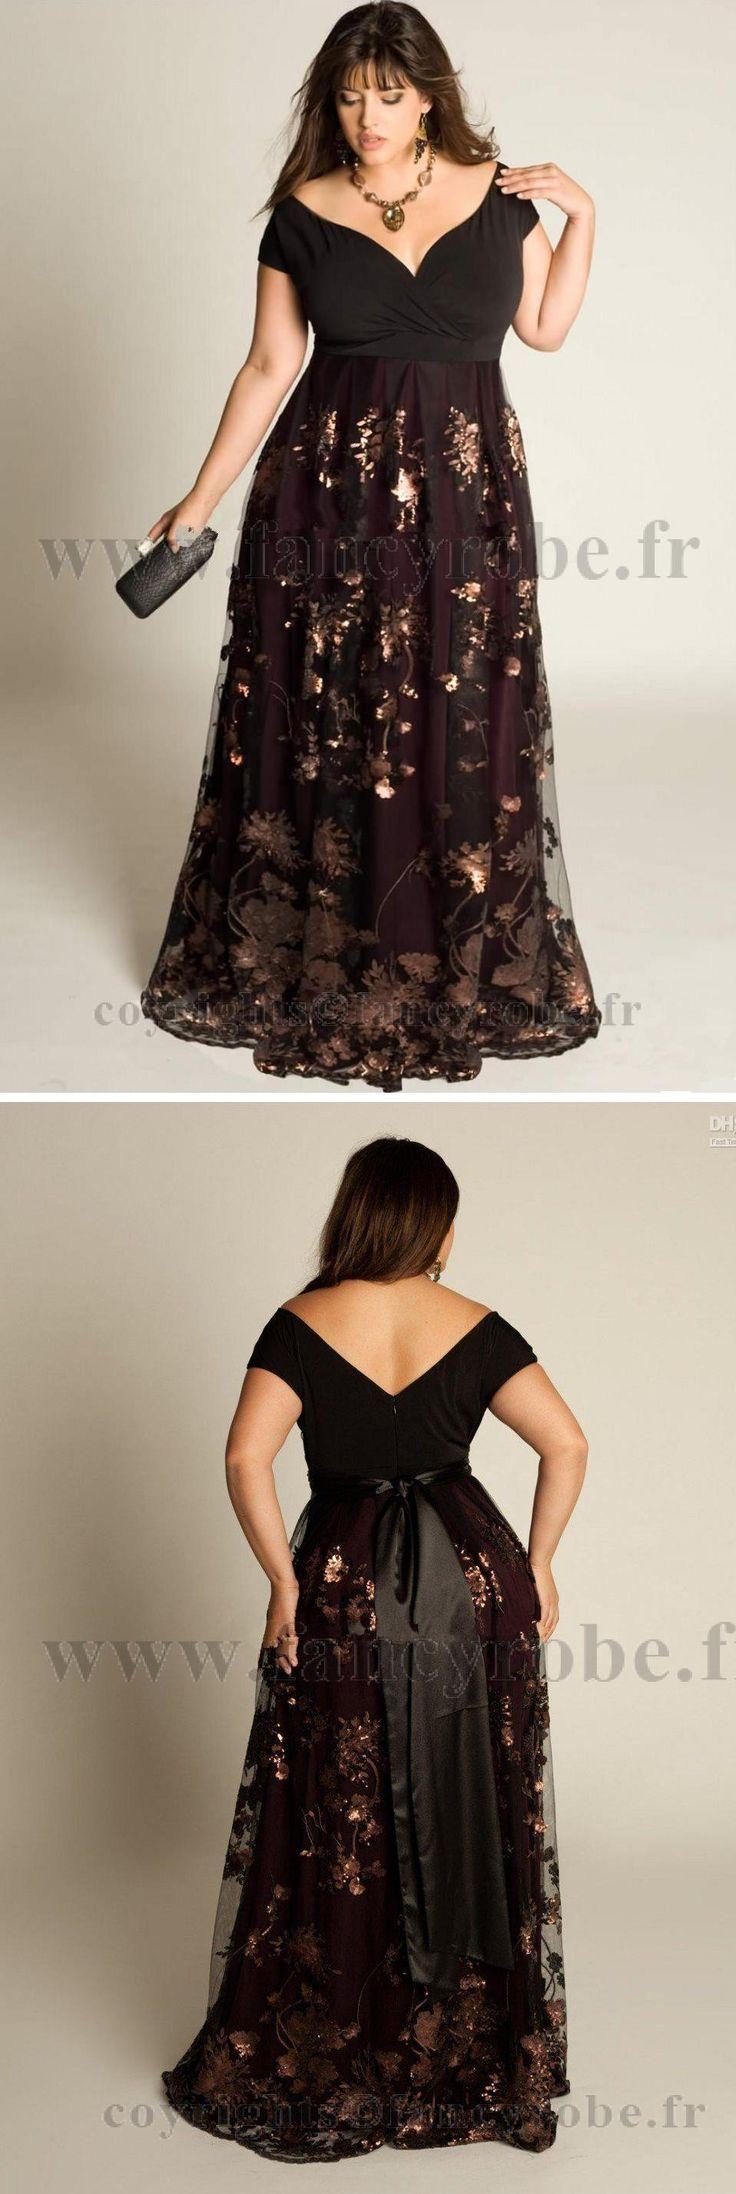 Robe de soirée grande taille pas cher satin dentelle plis